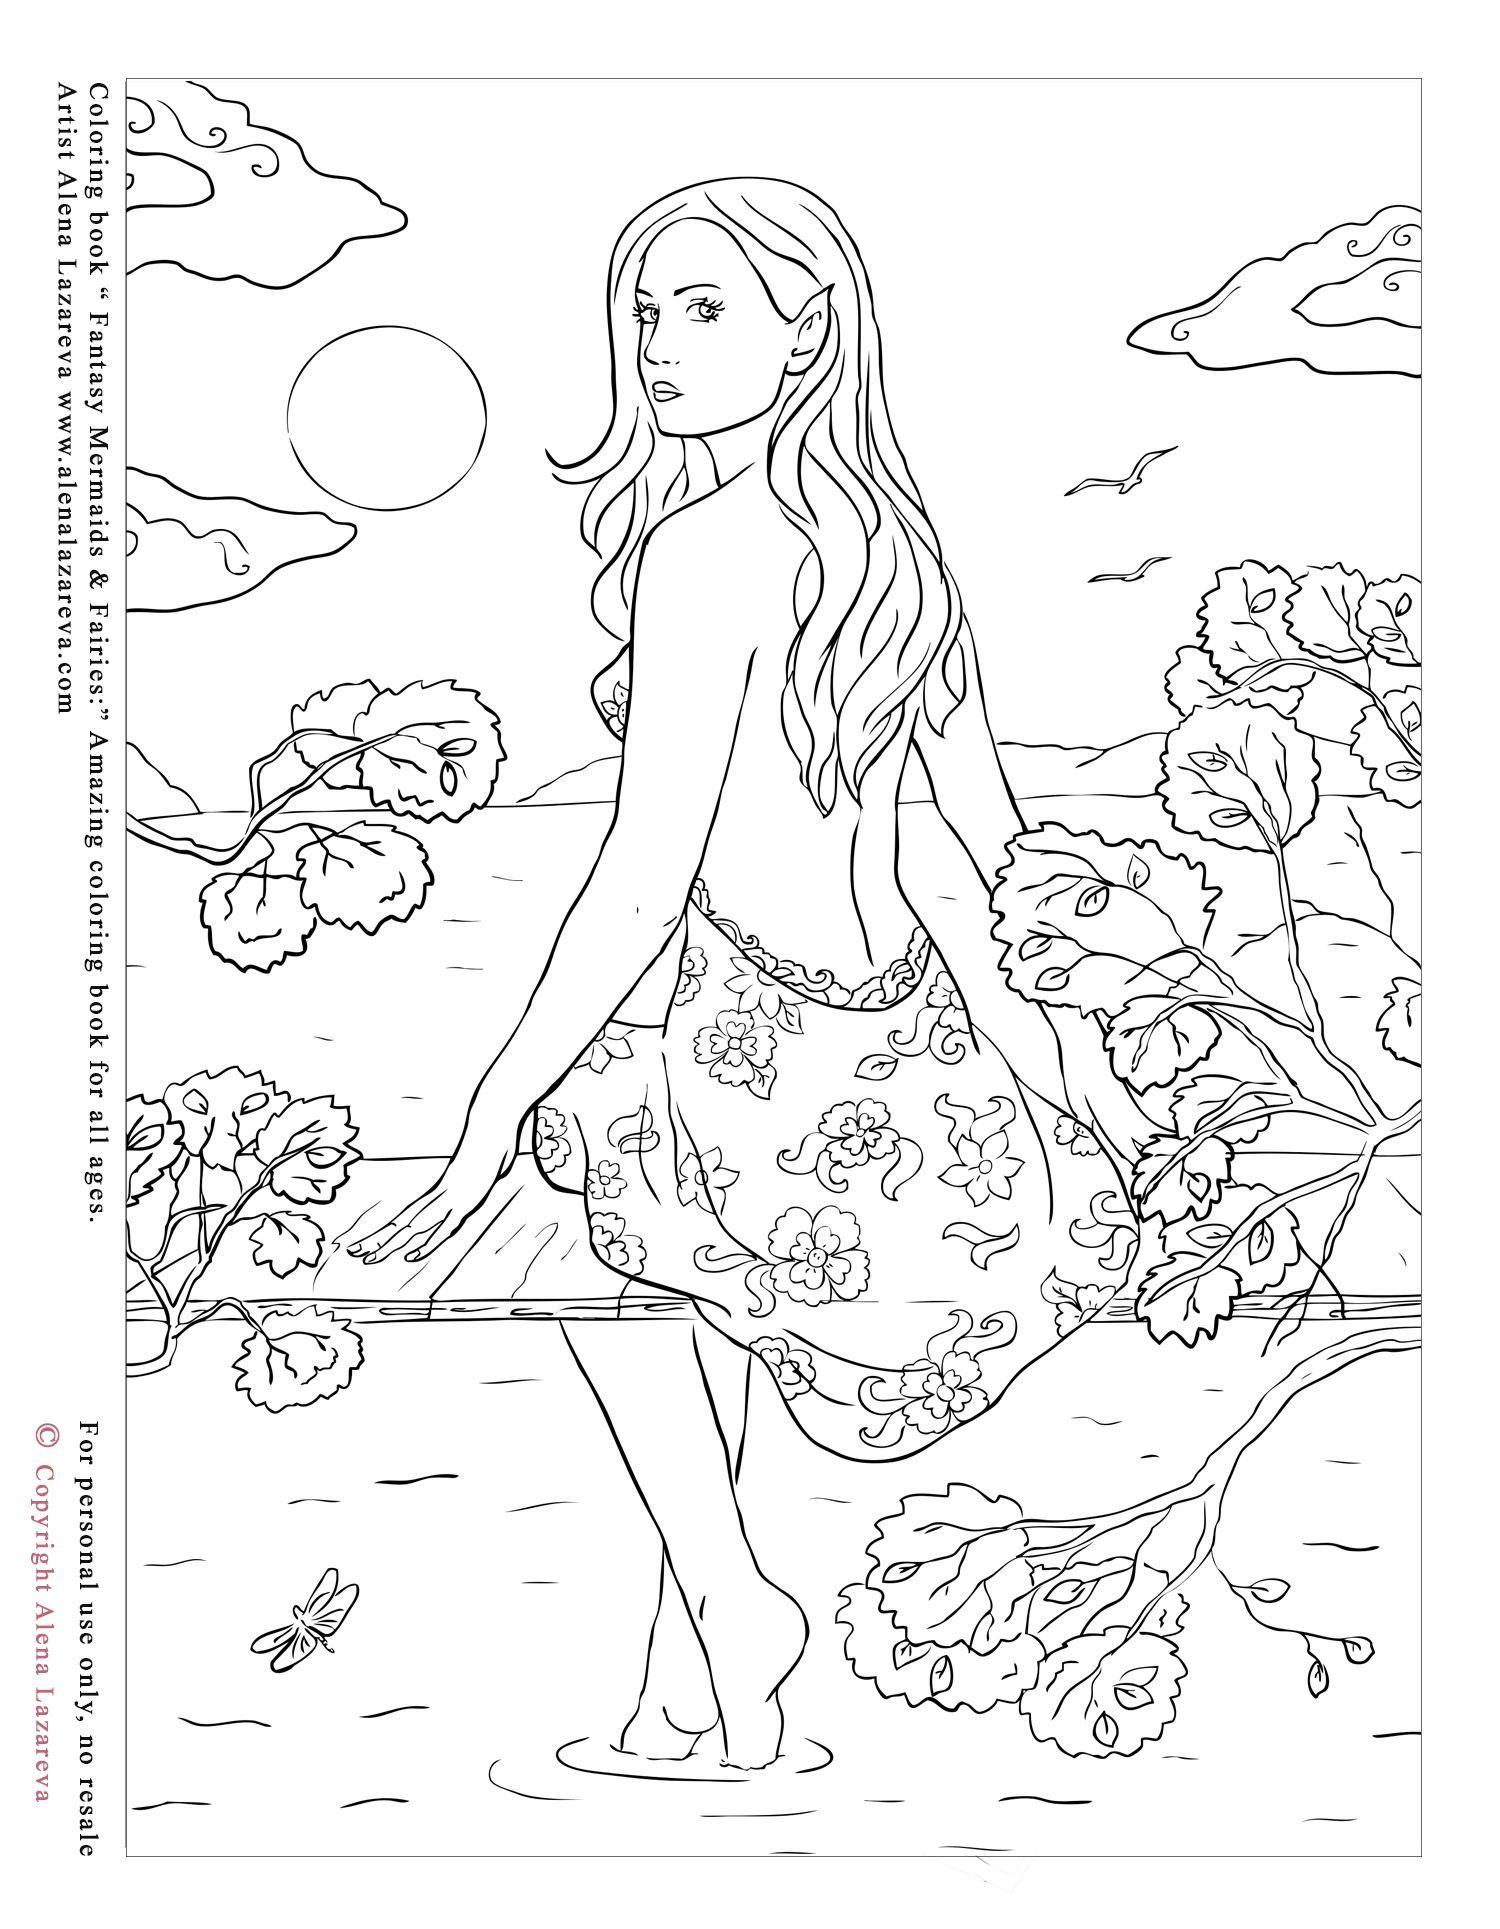 Pin Van Carolyn Op Drawings Kleurboek Kleurplaten Kleuren